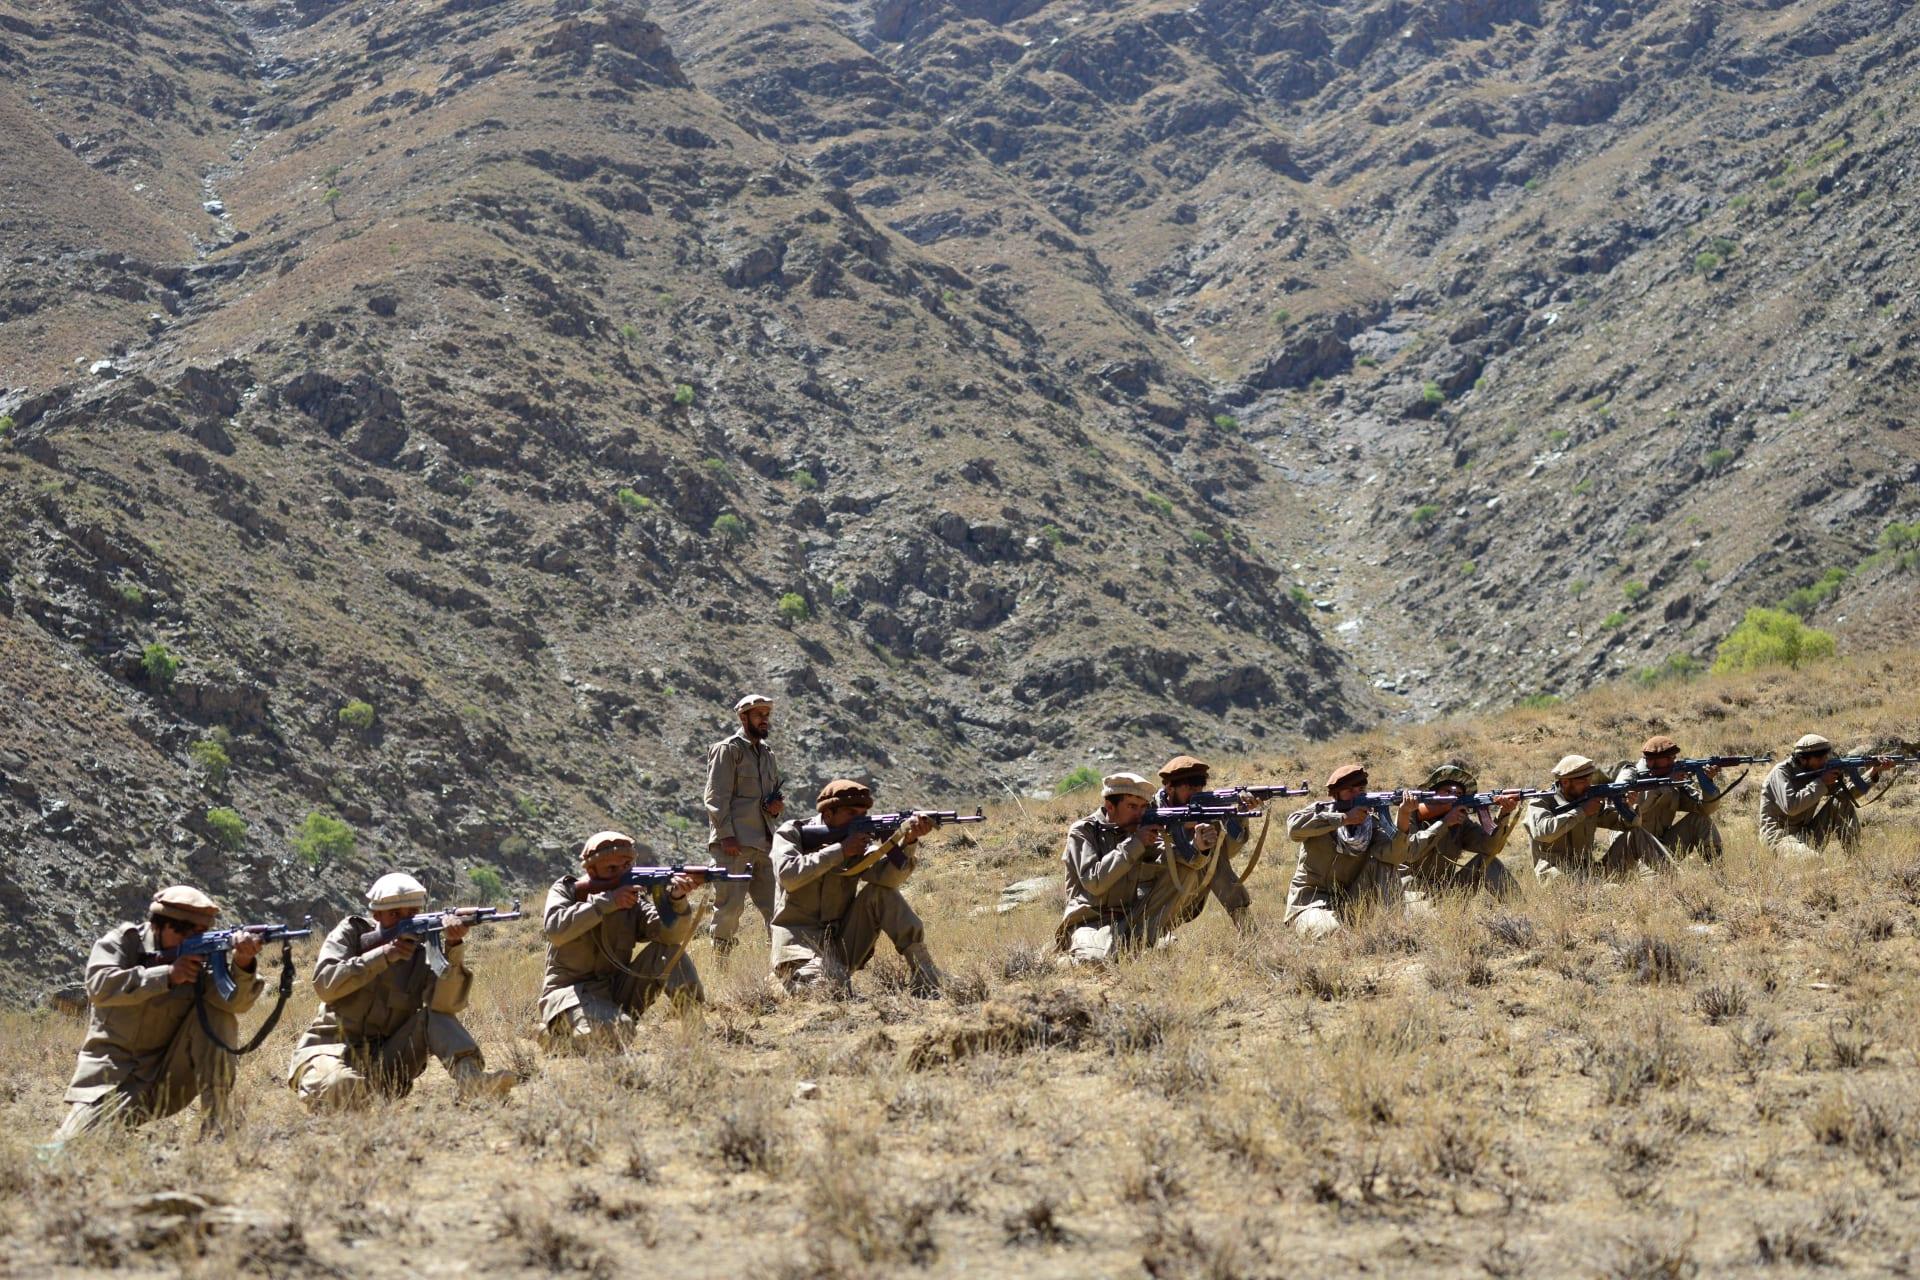 تدريبات في وادي بنجشير لقوات تحالف الشمال وجبهة المقاومة الوطنية المناهضة لطالبان - 2 سبتمبر 2021